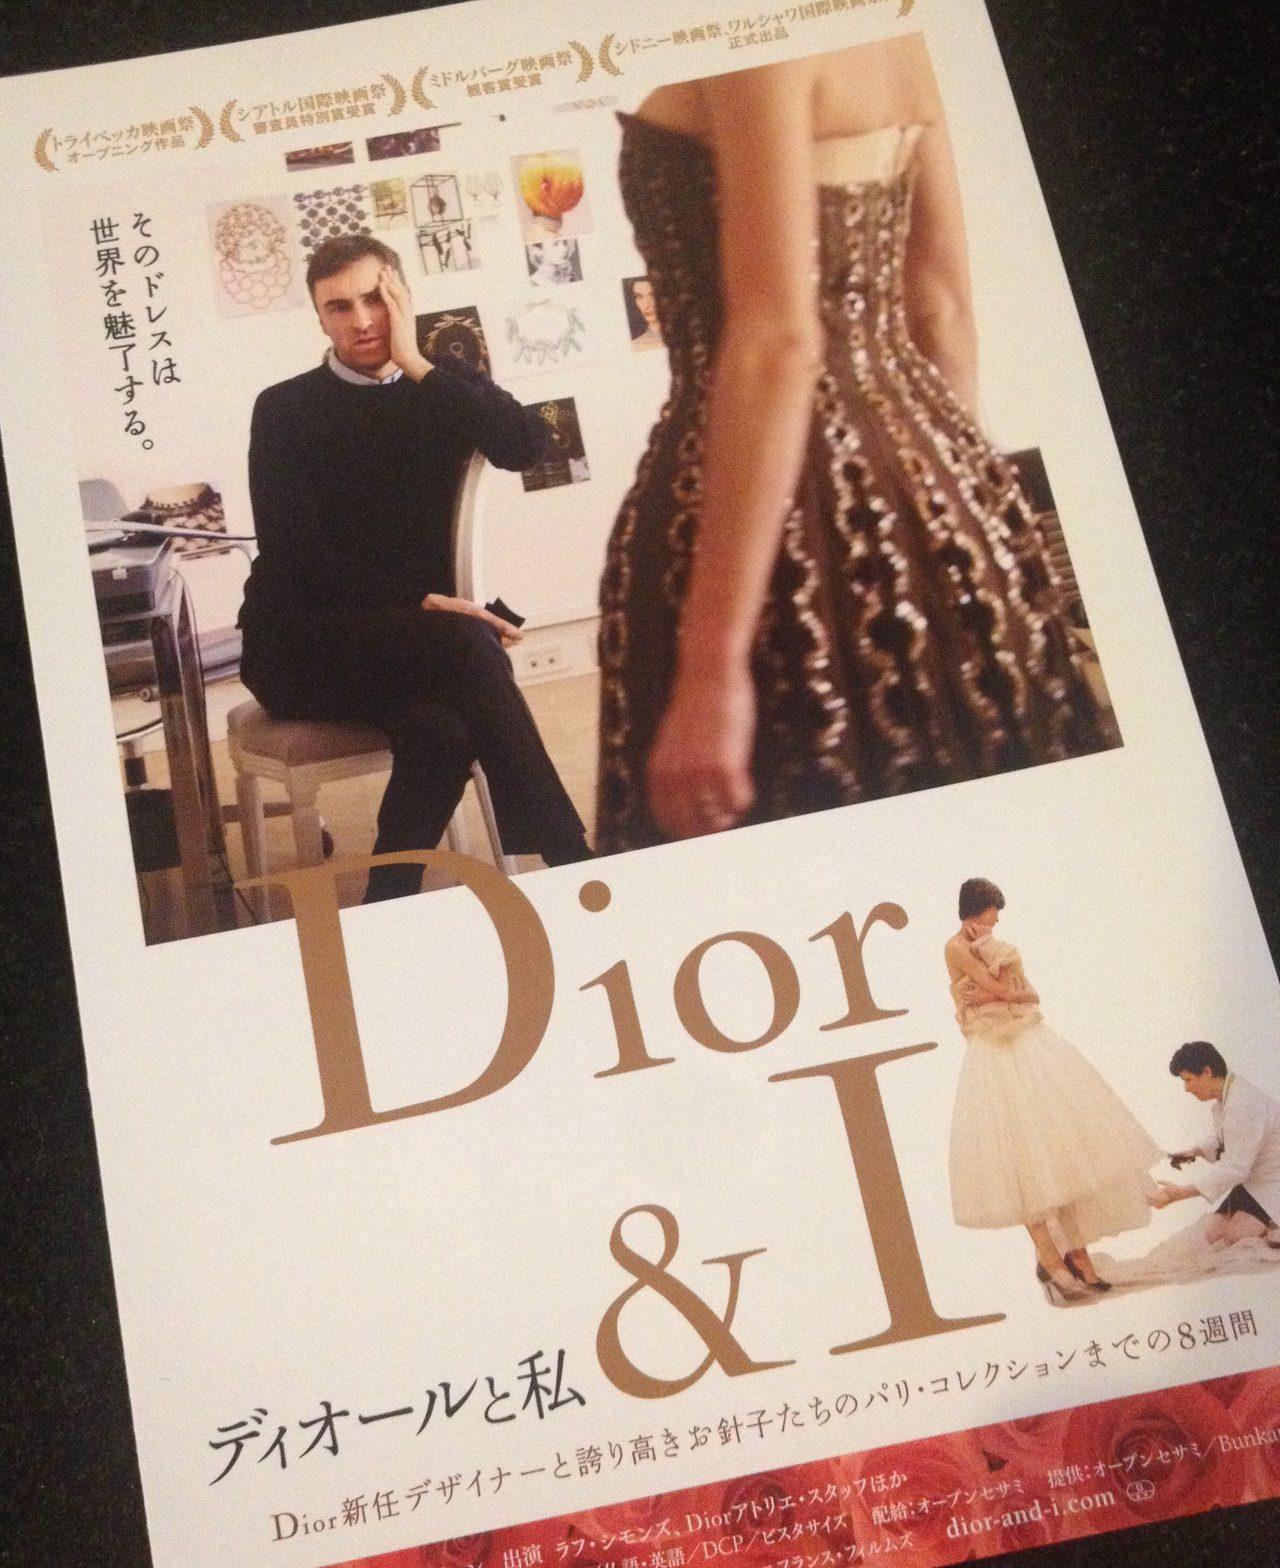 画像: Dior and I